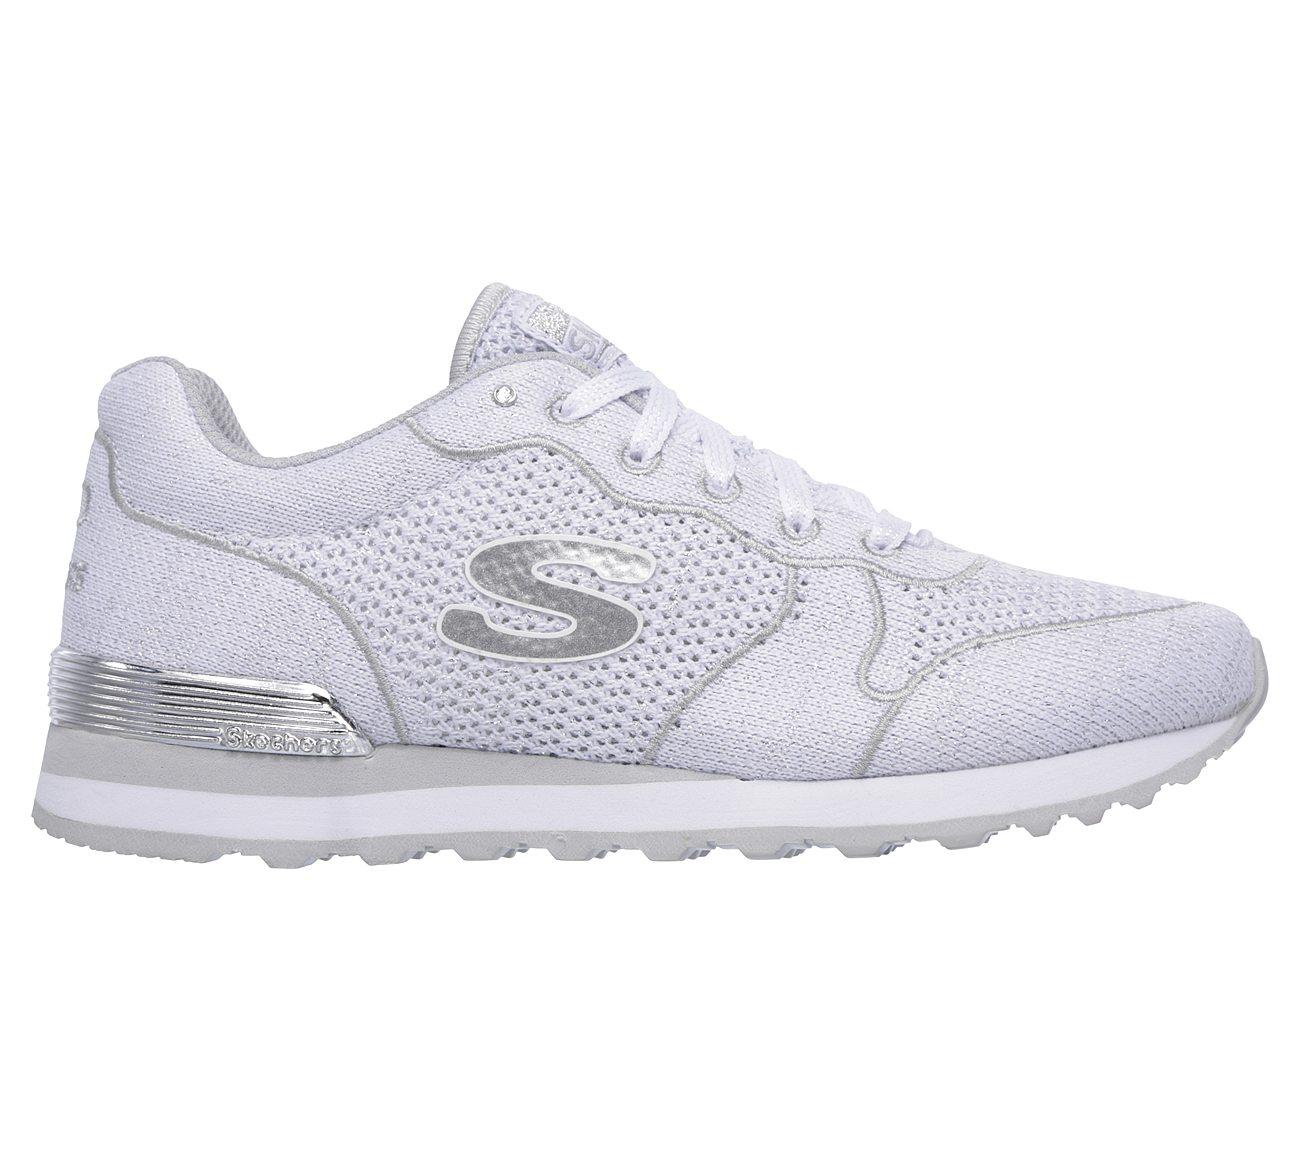 9876a8d5883b Buy SKECHERS OG 85 - Low Flyers Originals Shoes only  41.00